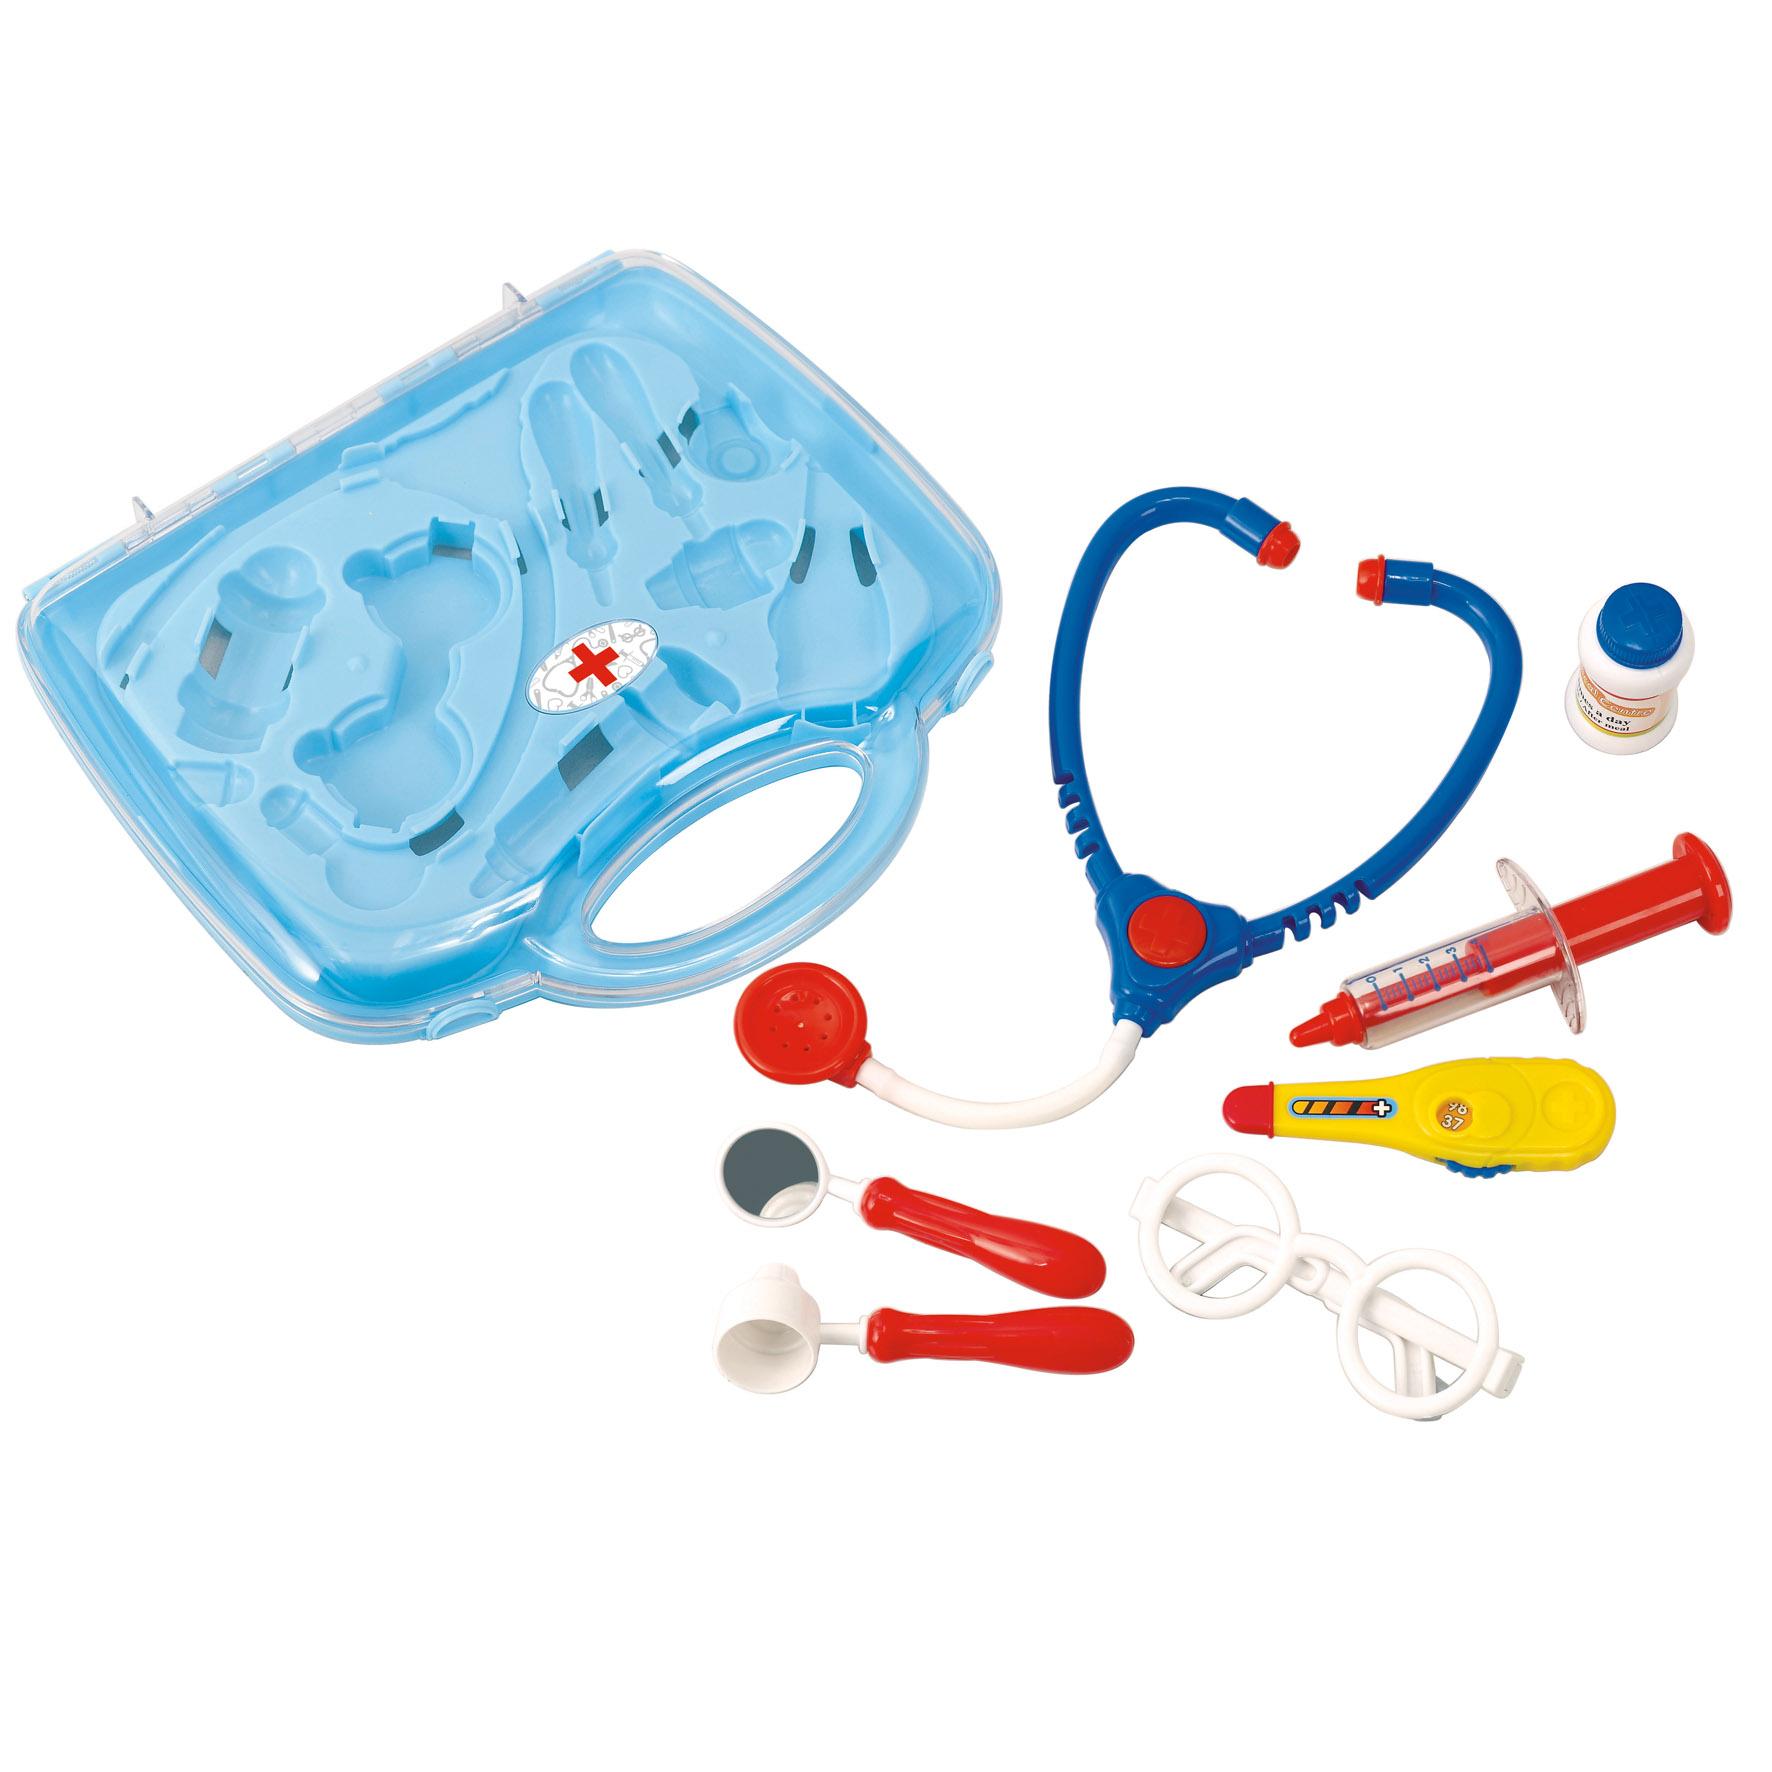 Playgo Развивающая игрушка - Набор доктора в чемоданчикеPlay 2902В этом наборе есть все самое необходимое: стетоскоп, градусник, шприц, очки, зеркальце и другие аксессуары. Сюжетно-ролевая игра в больницу очень полезна для общего развития ребенка и расширения его кругозора. Все составляющие набора изготовлены из качественного, безопасного для детского здоровья пластика.